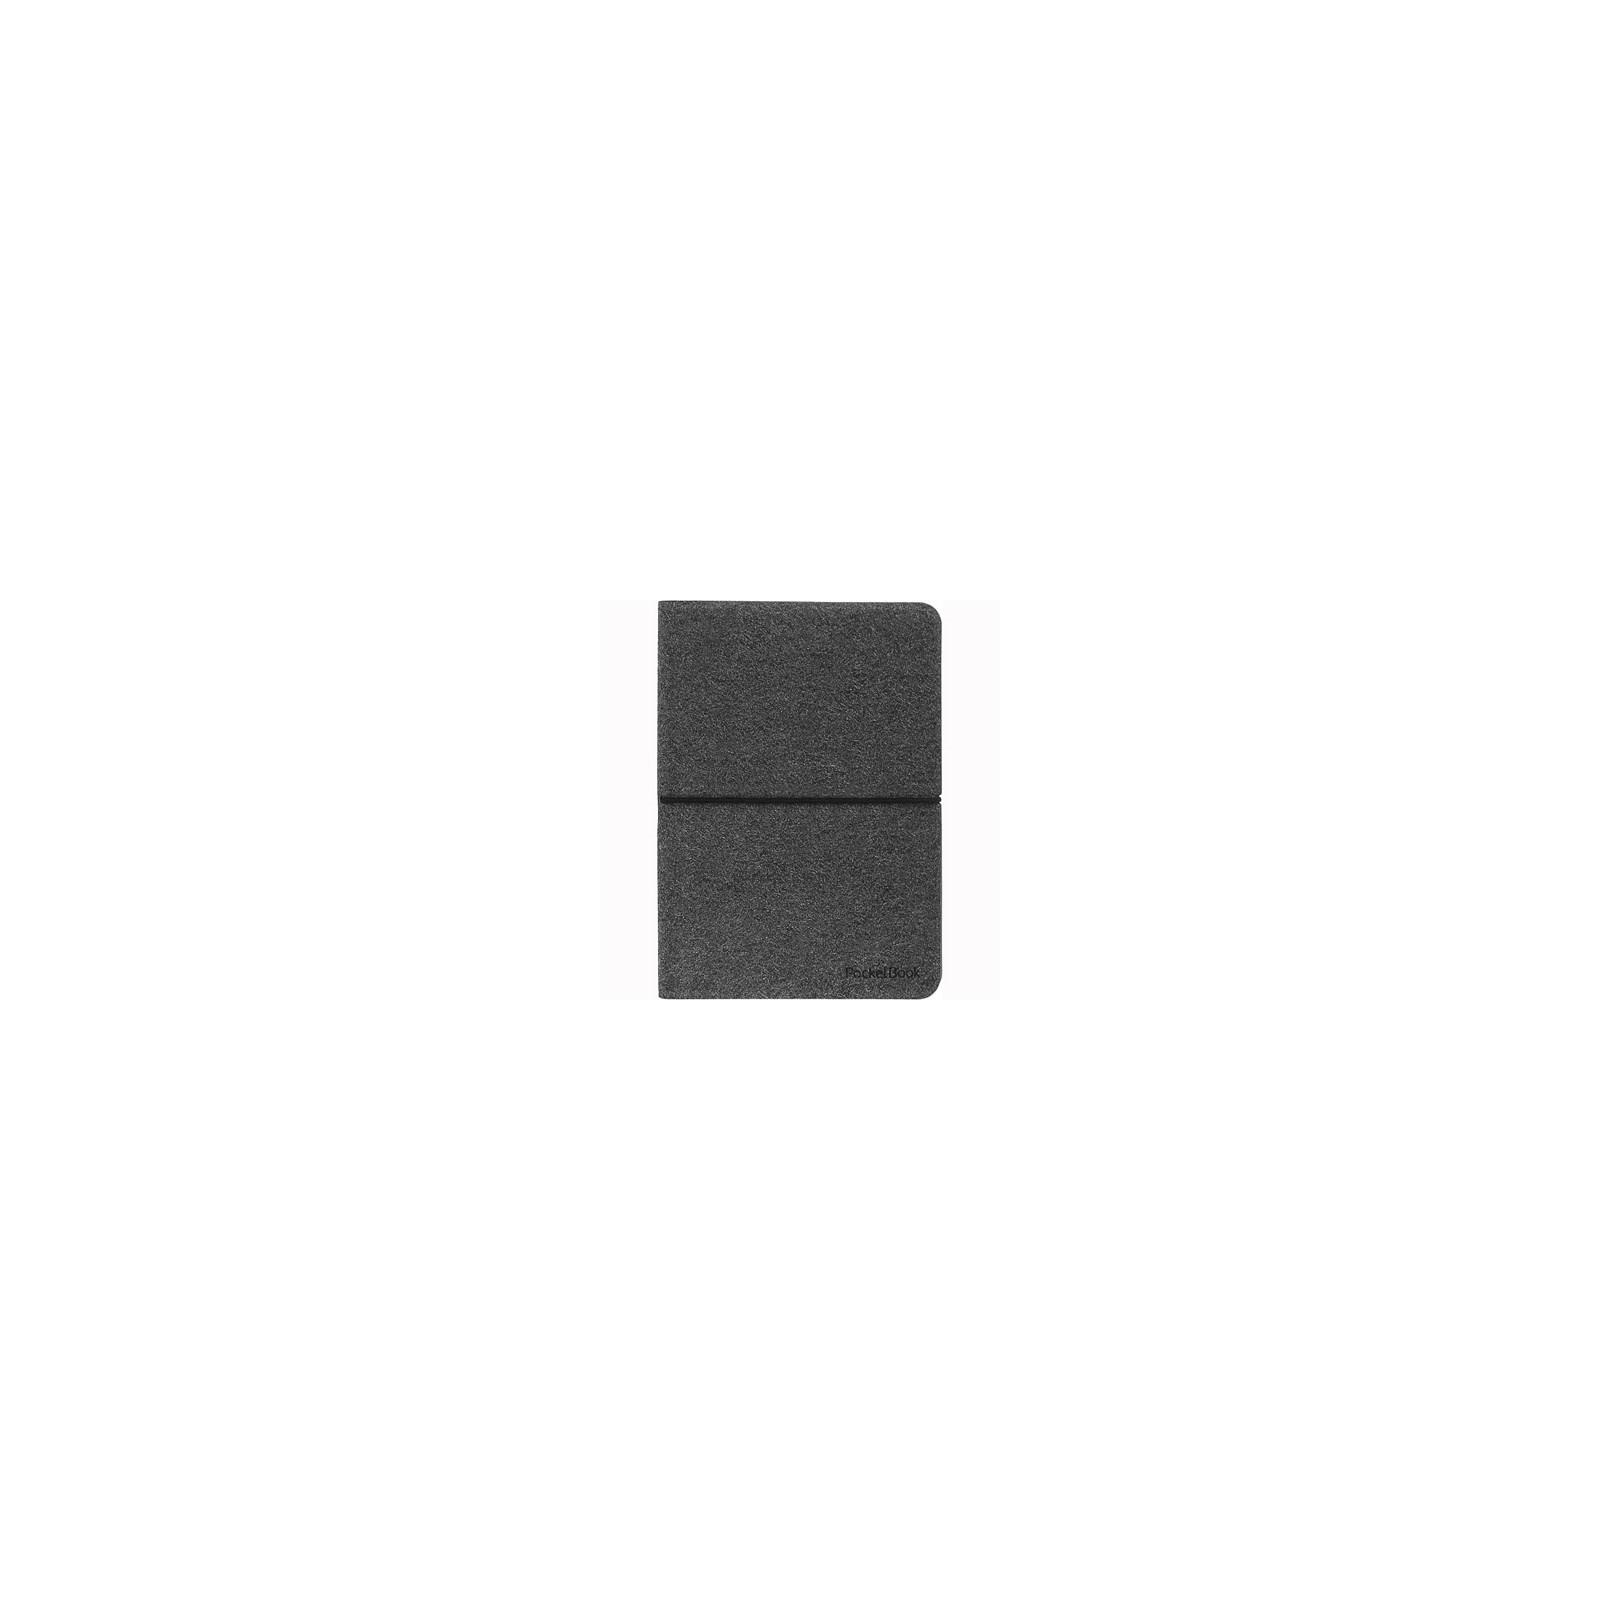 Чехол для электронной книги PocketBook VW Easy для PB622 (VWPUC-622-DY-ES)